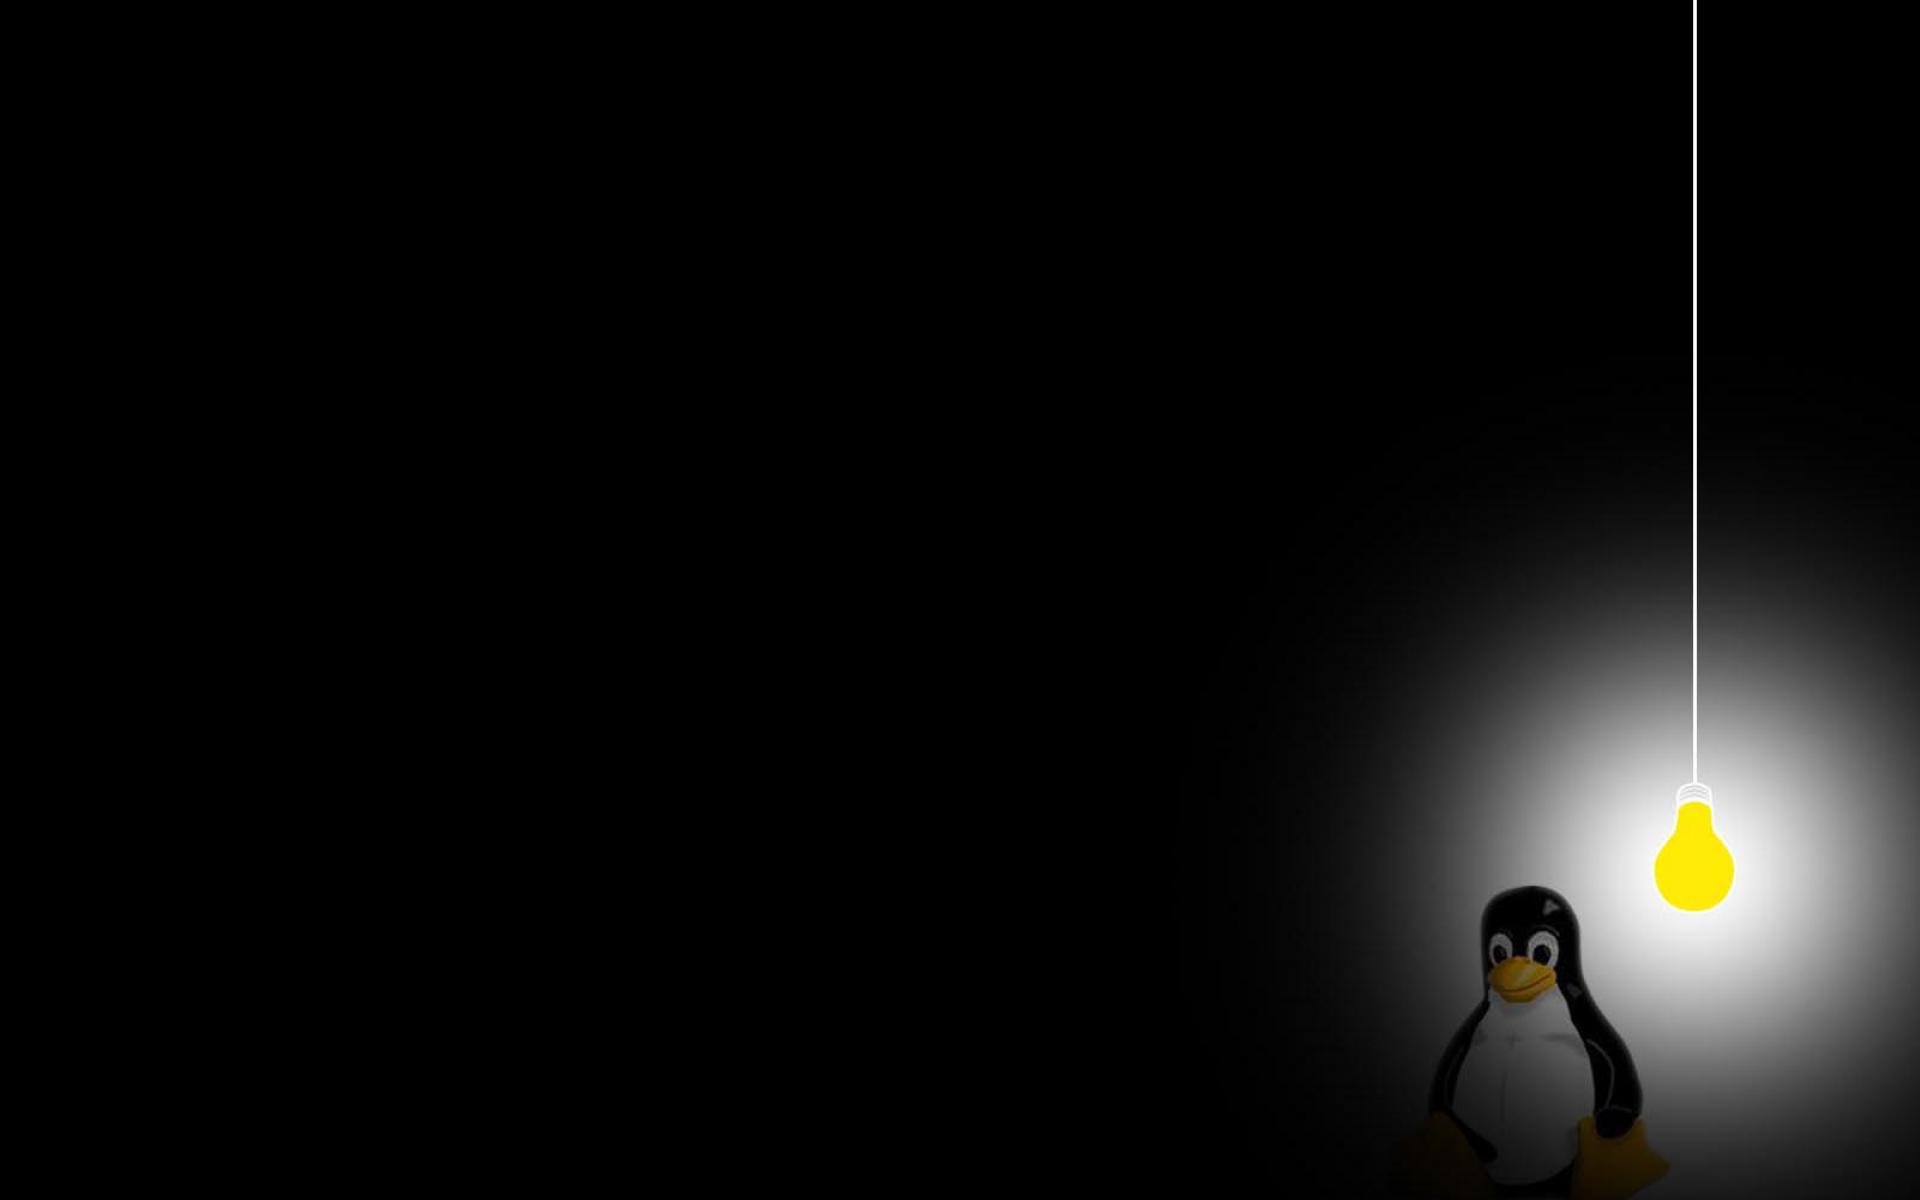 background linux desktops lightbulb wallpaper   ForWallpapercom 1920x1200